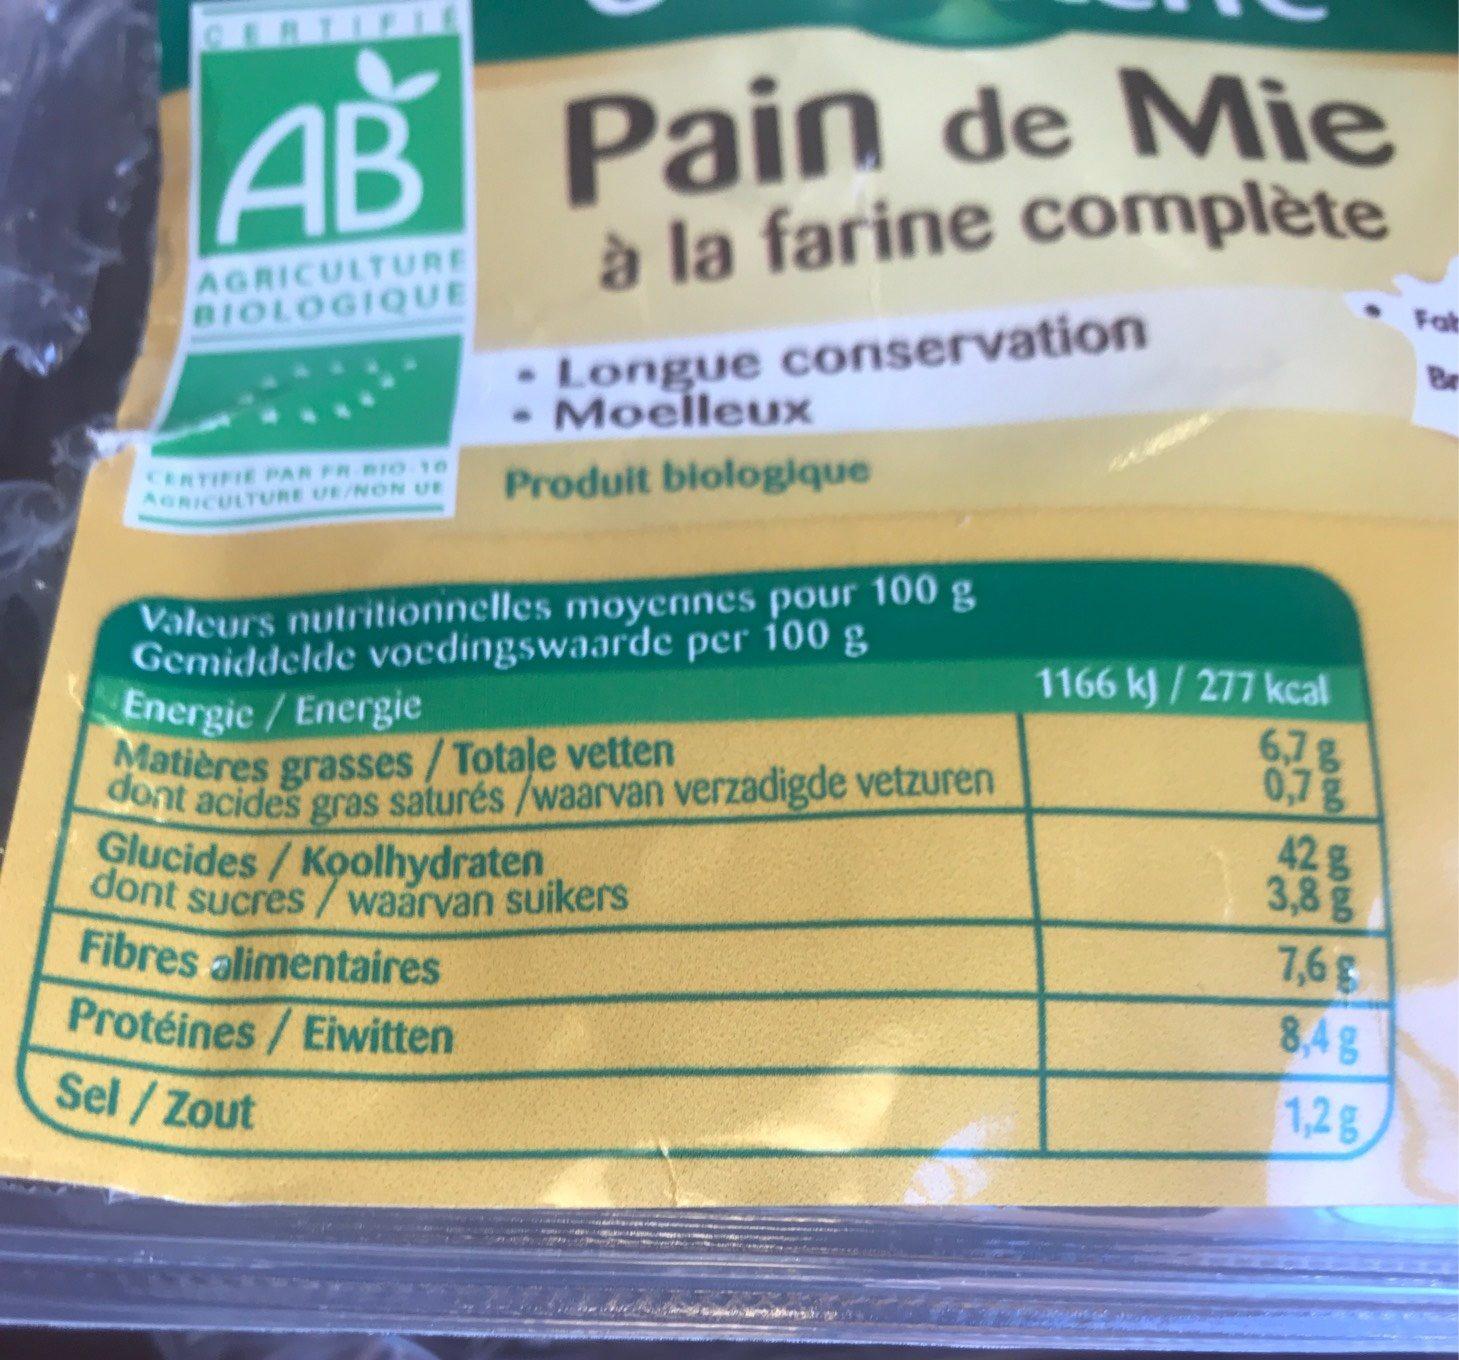 Pain de Mie à la farine complète - Informazioni nutrizionali - fr